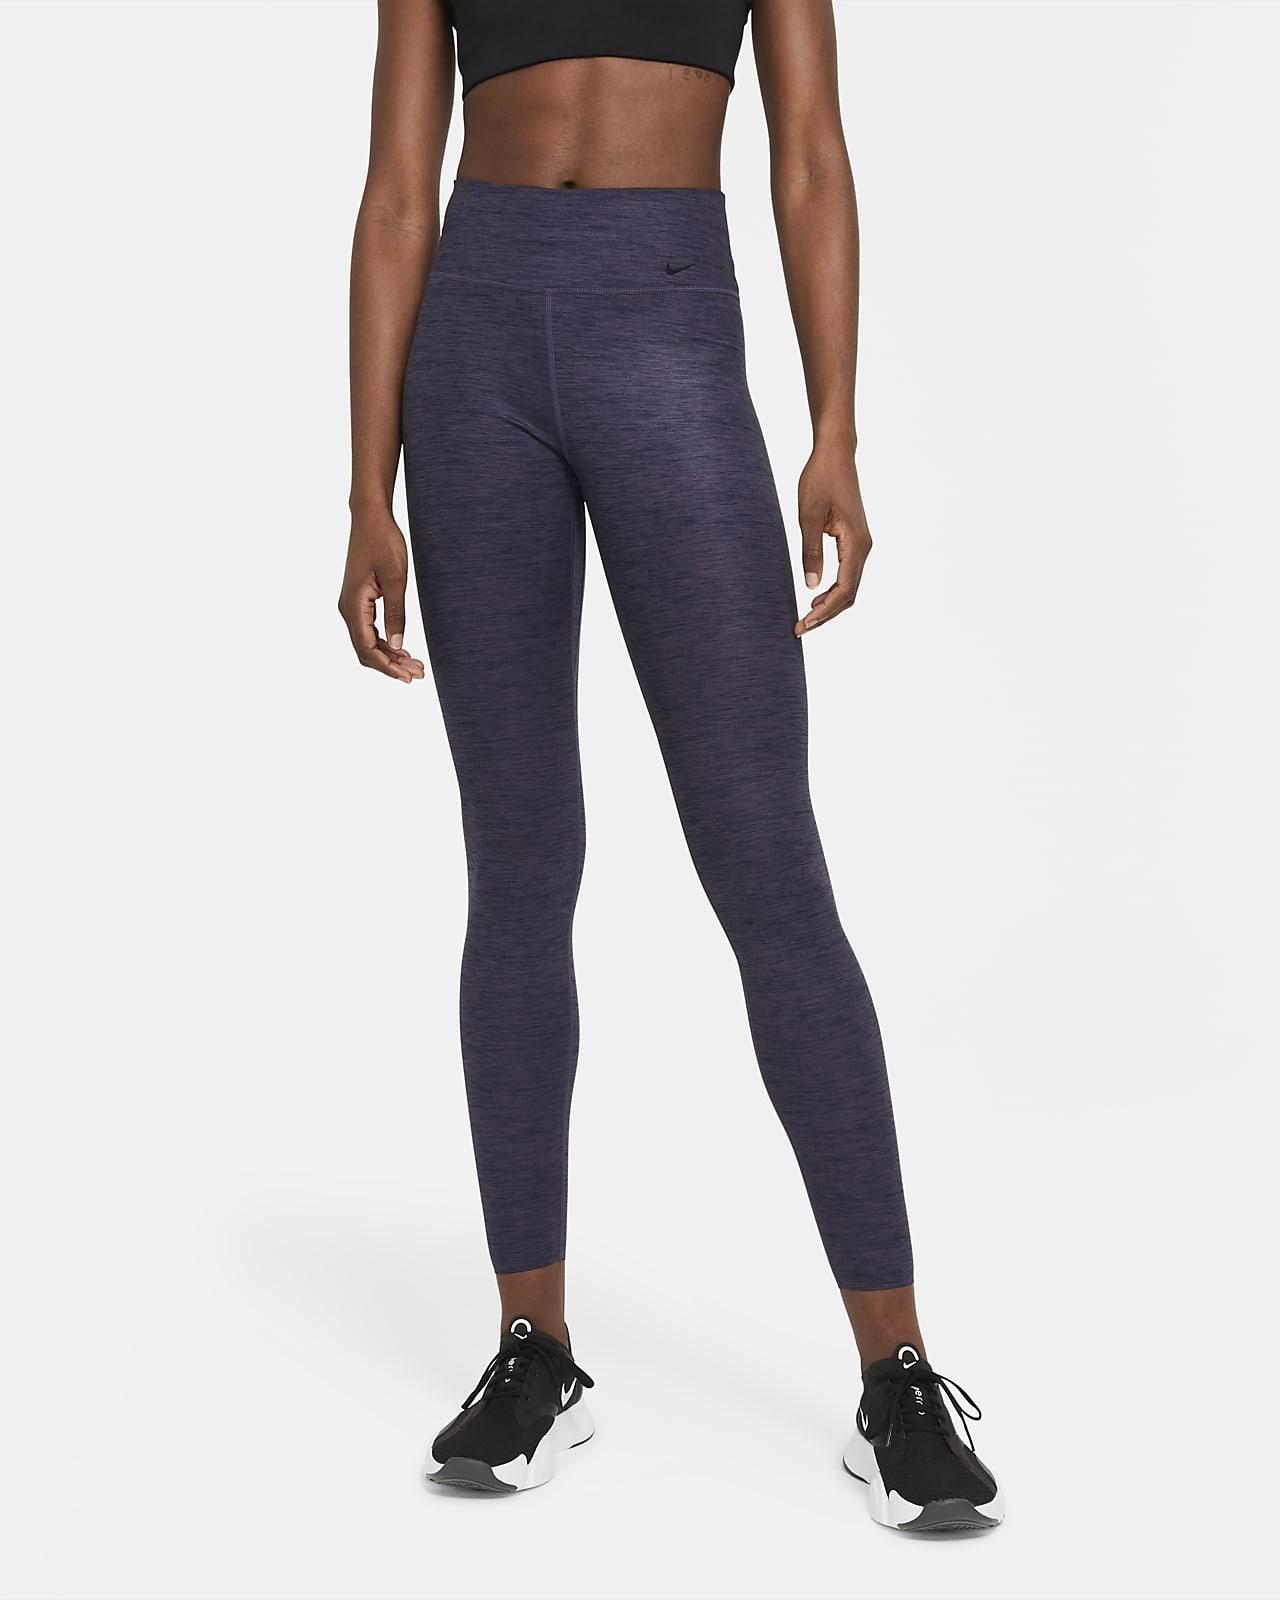 Γυναικείο μεσοκάβαλο κολάν με μελανζέ όψη Nike One Luxe